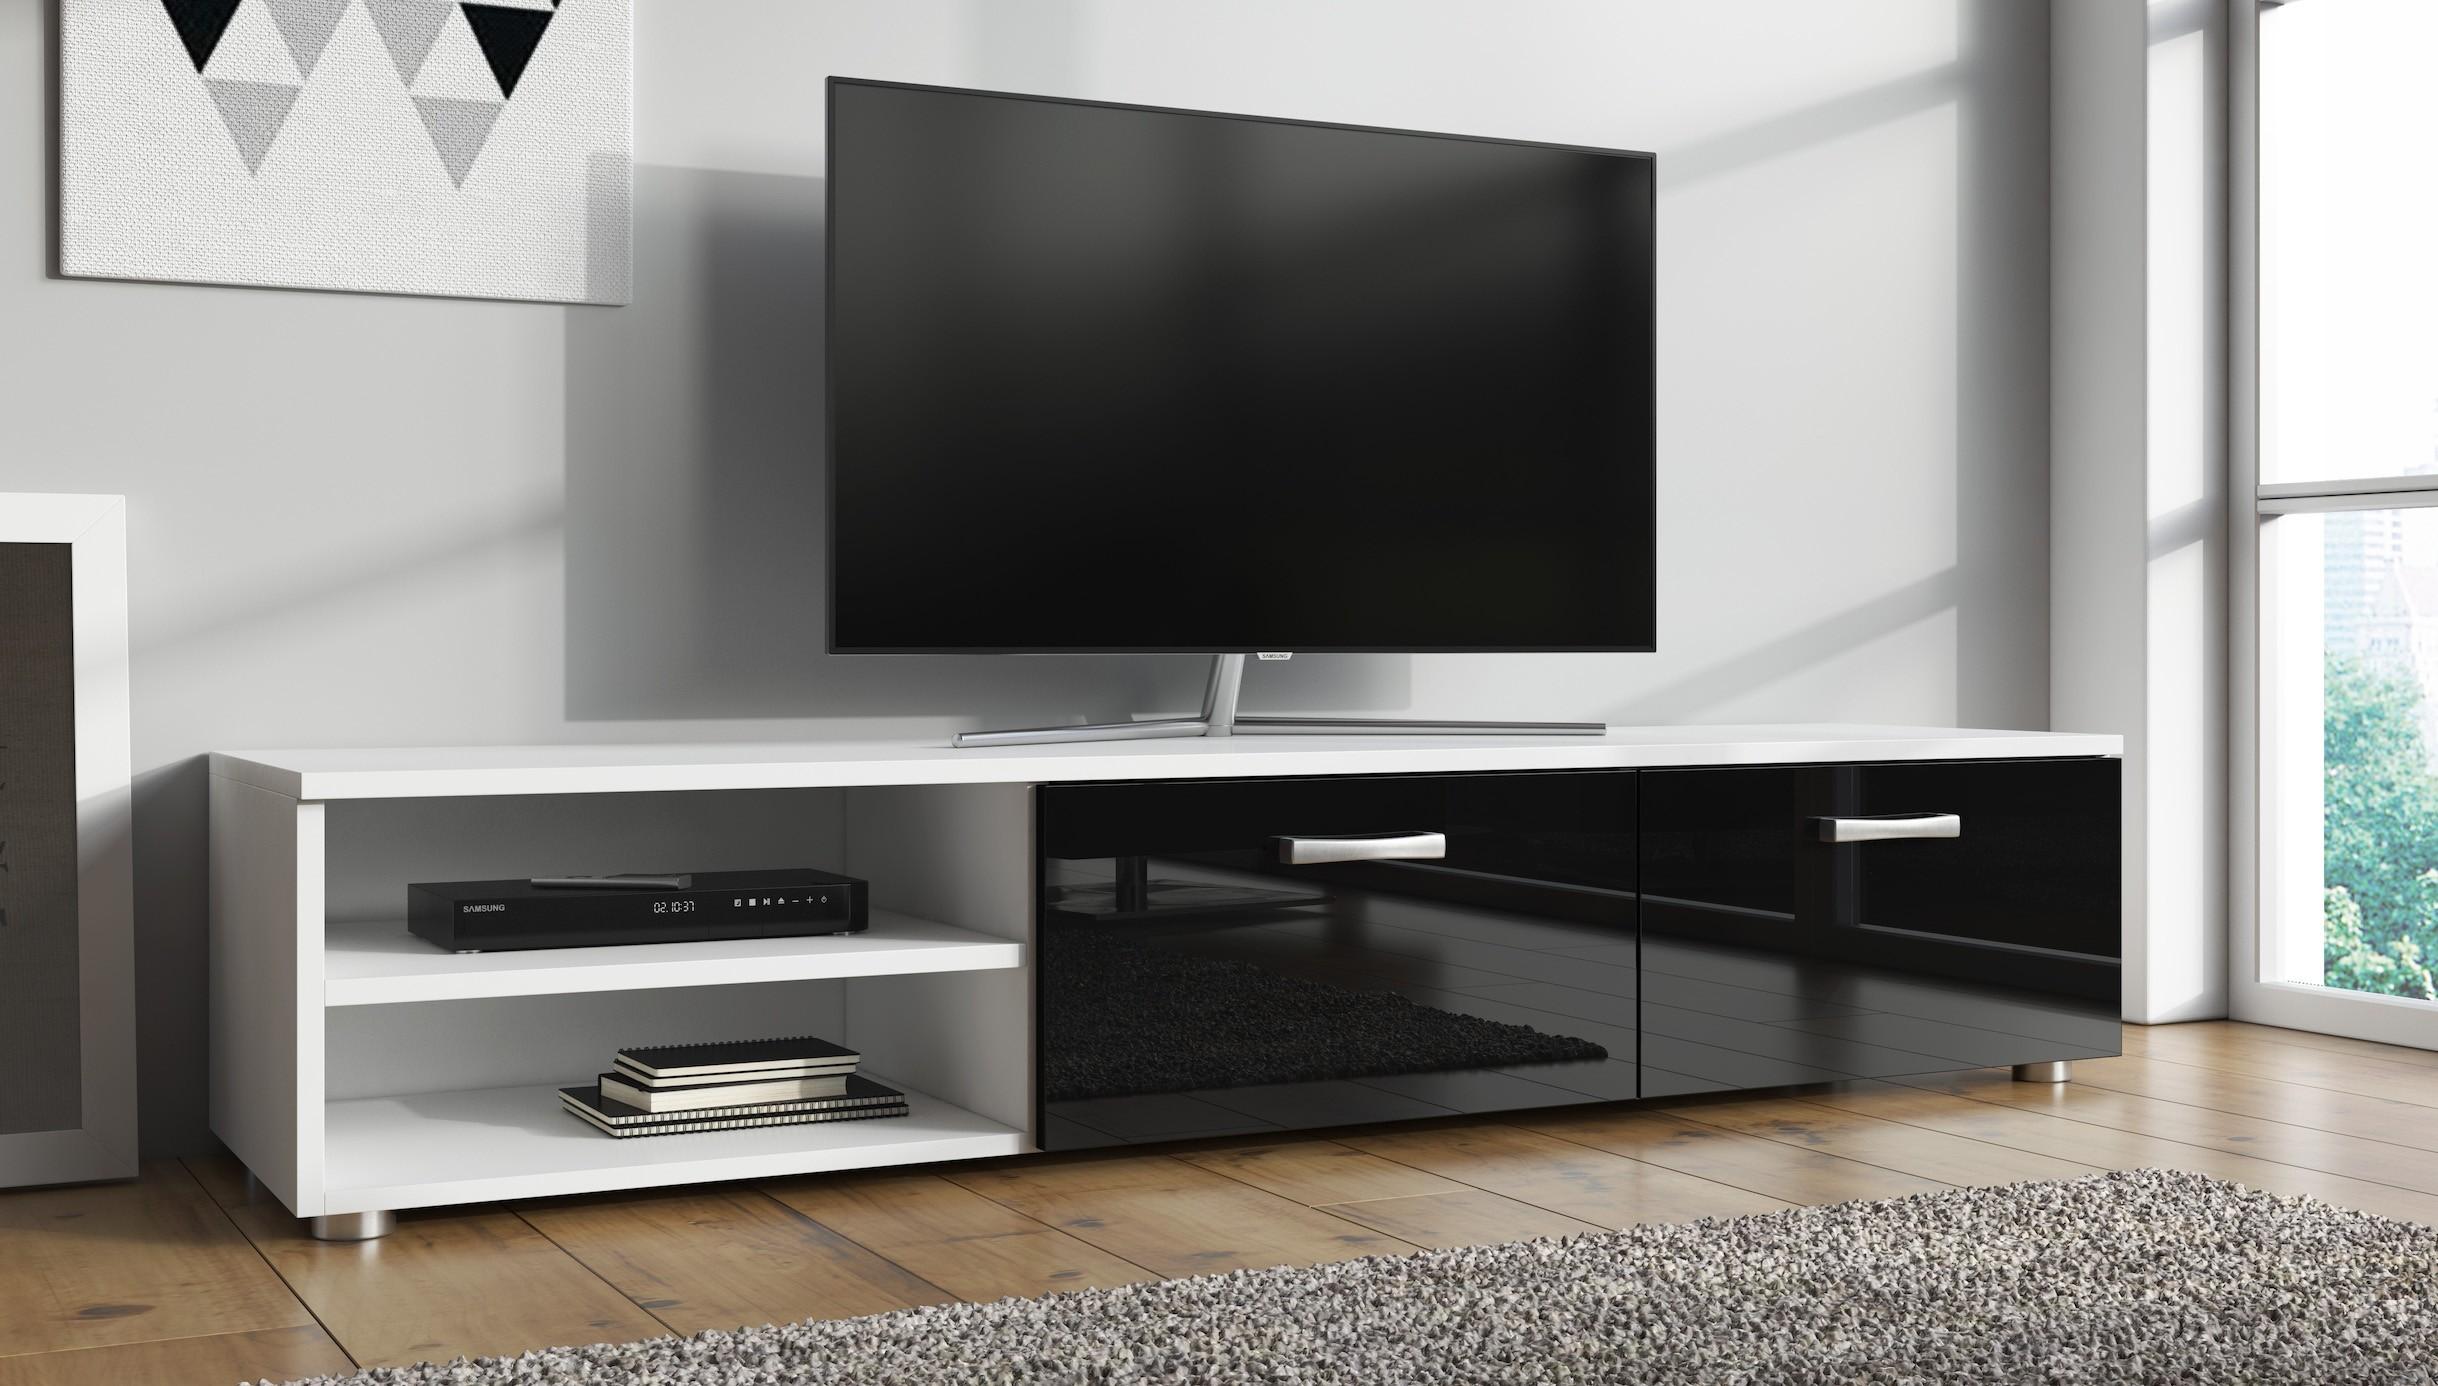 Tv Kast Zwart Wit.Tv Meubel Memphis Zwart Wit 144 Cm Meubella